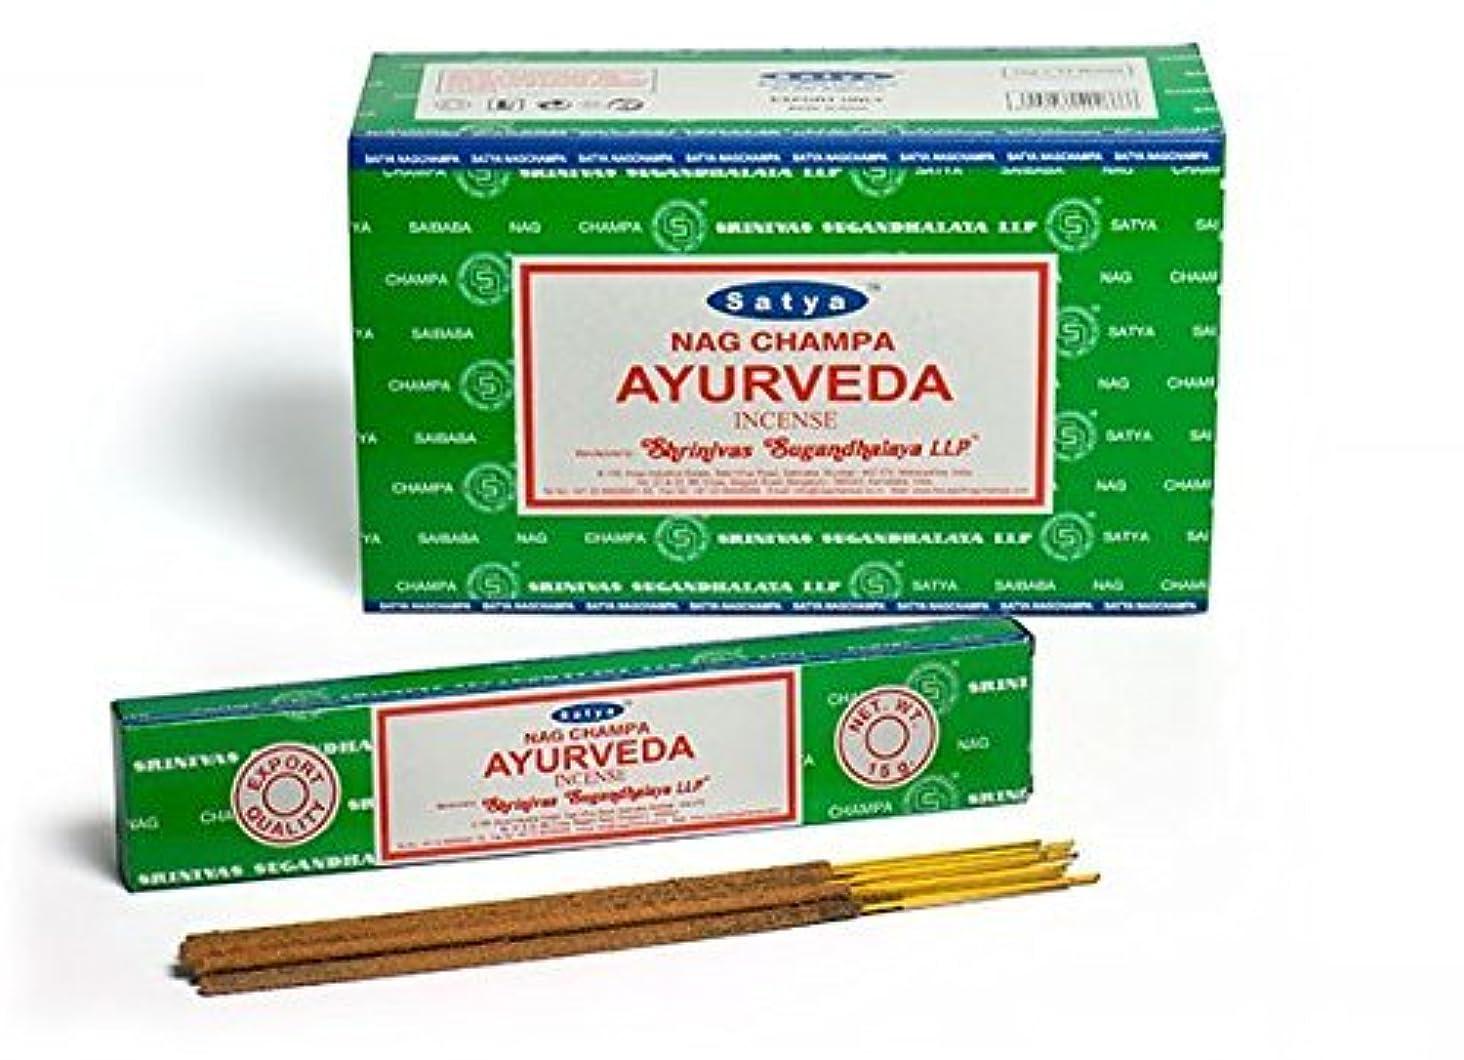 完璧なセッティングホストBuycrafty Satya Champa Ayurveda Incense Stick,180 Grams Box (15g x 12 Boxes)